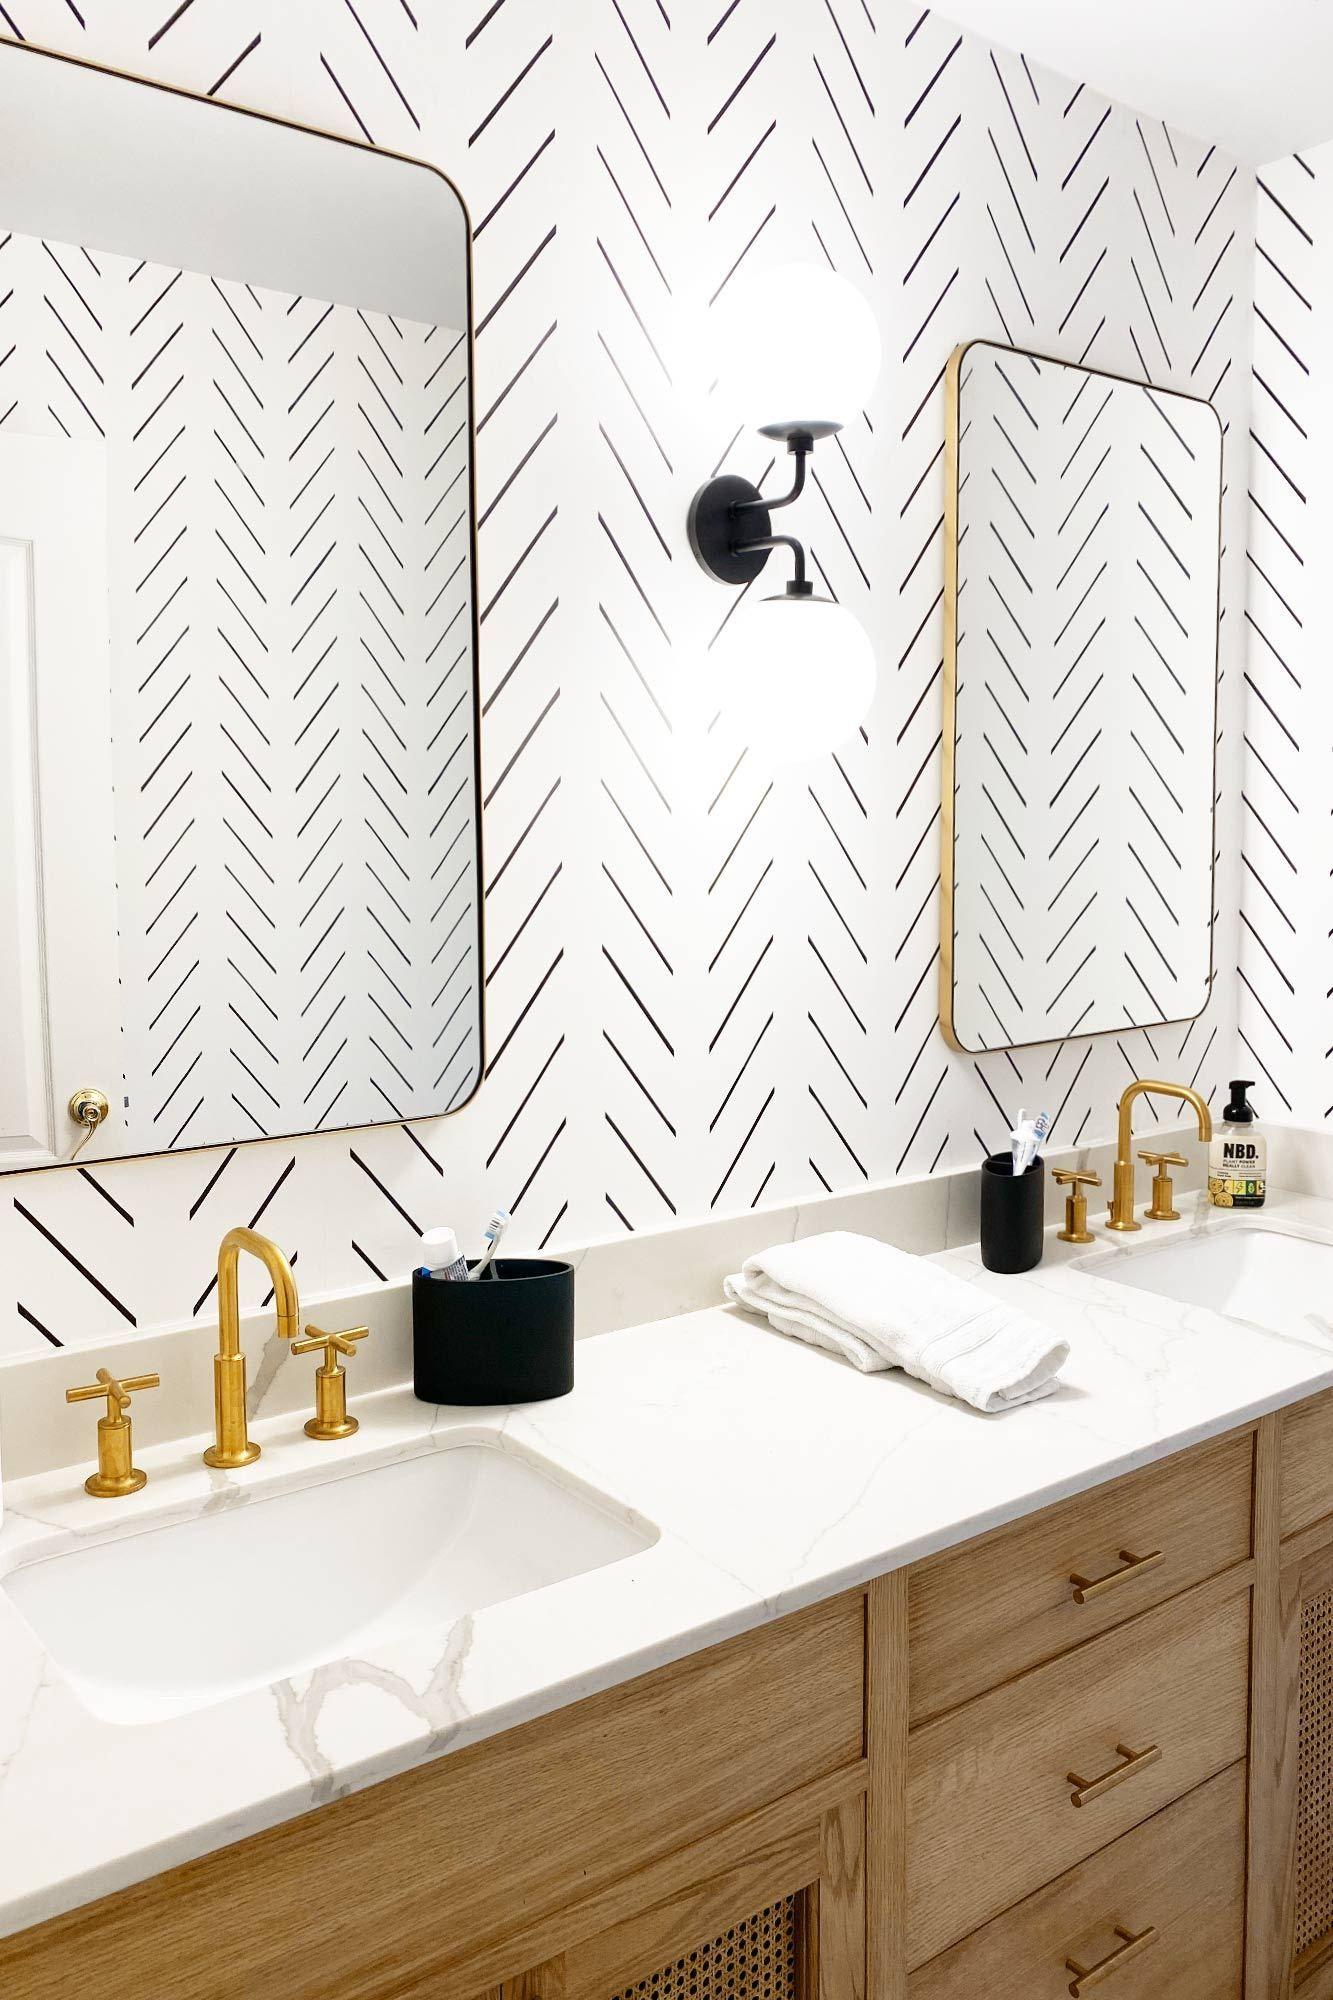 Wallpaper Trends 2021 Interior Design Trends In 2021 Bathroom Wallpaper Trends Herringbone Wallpaper Bathroom Wallpaper